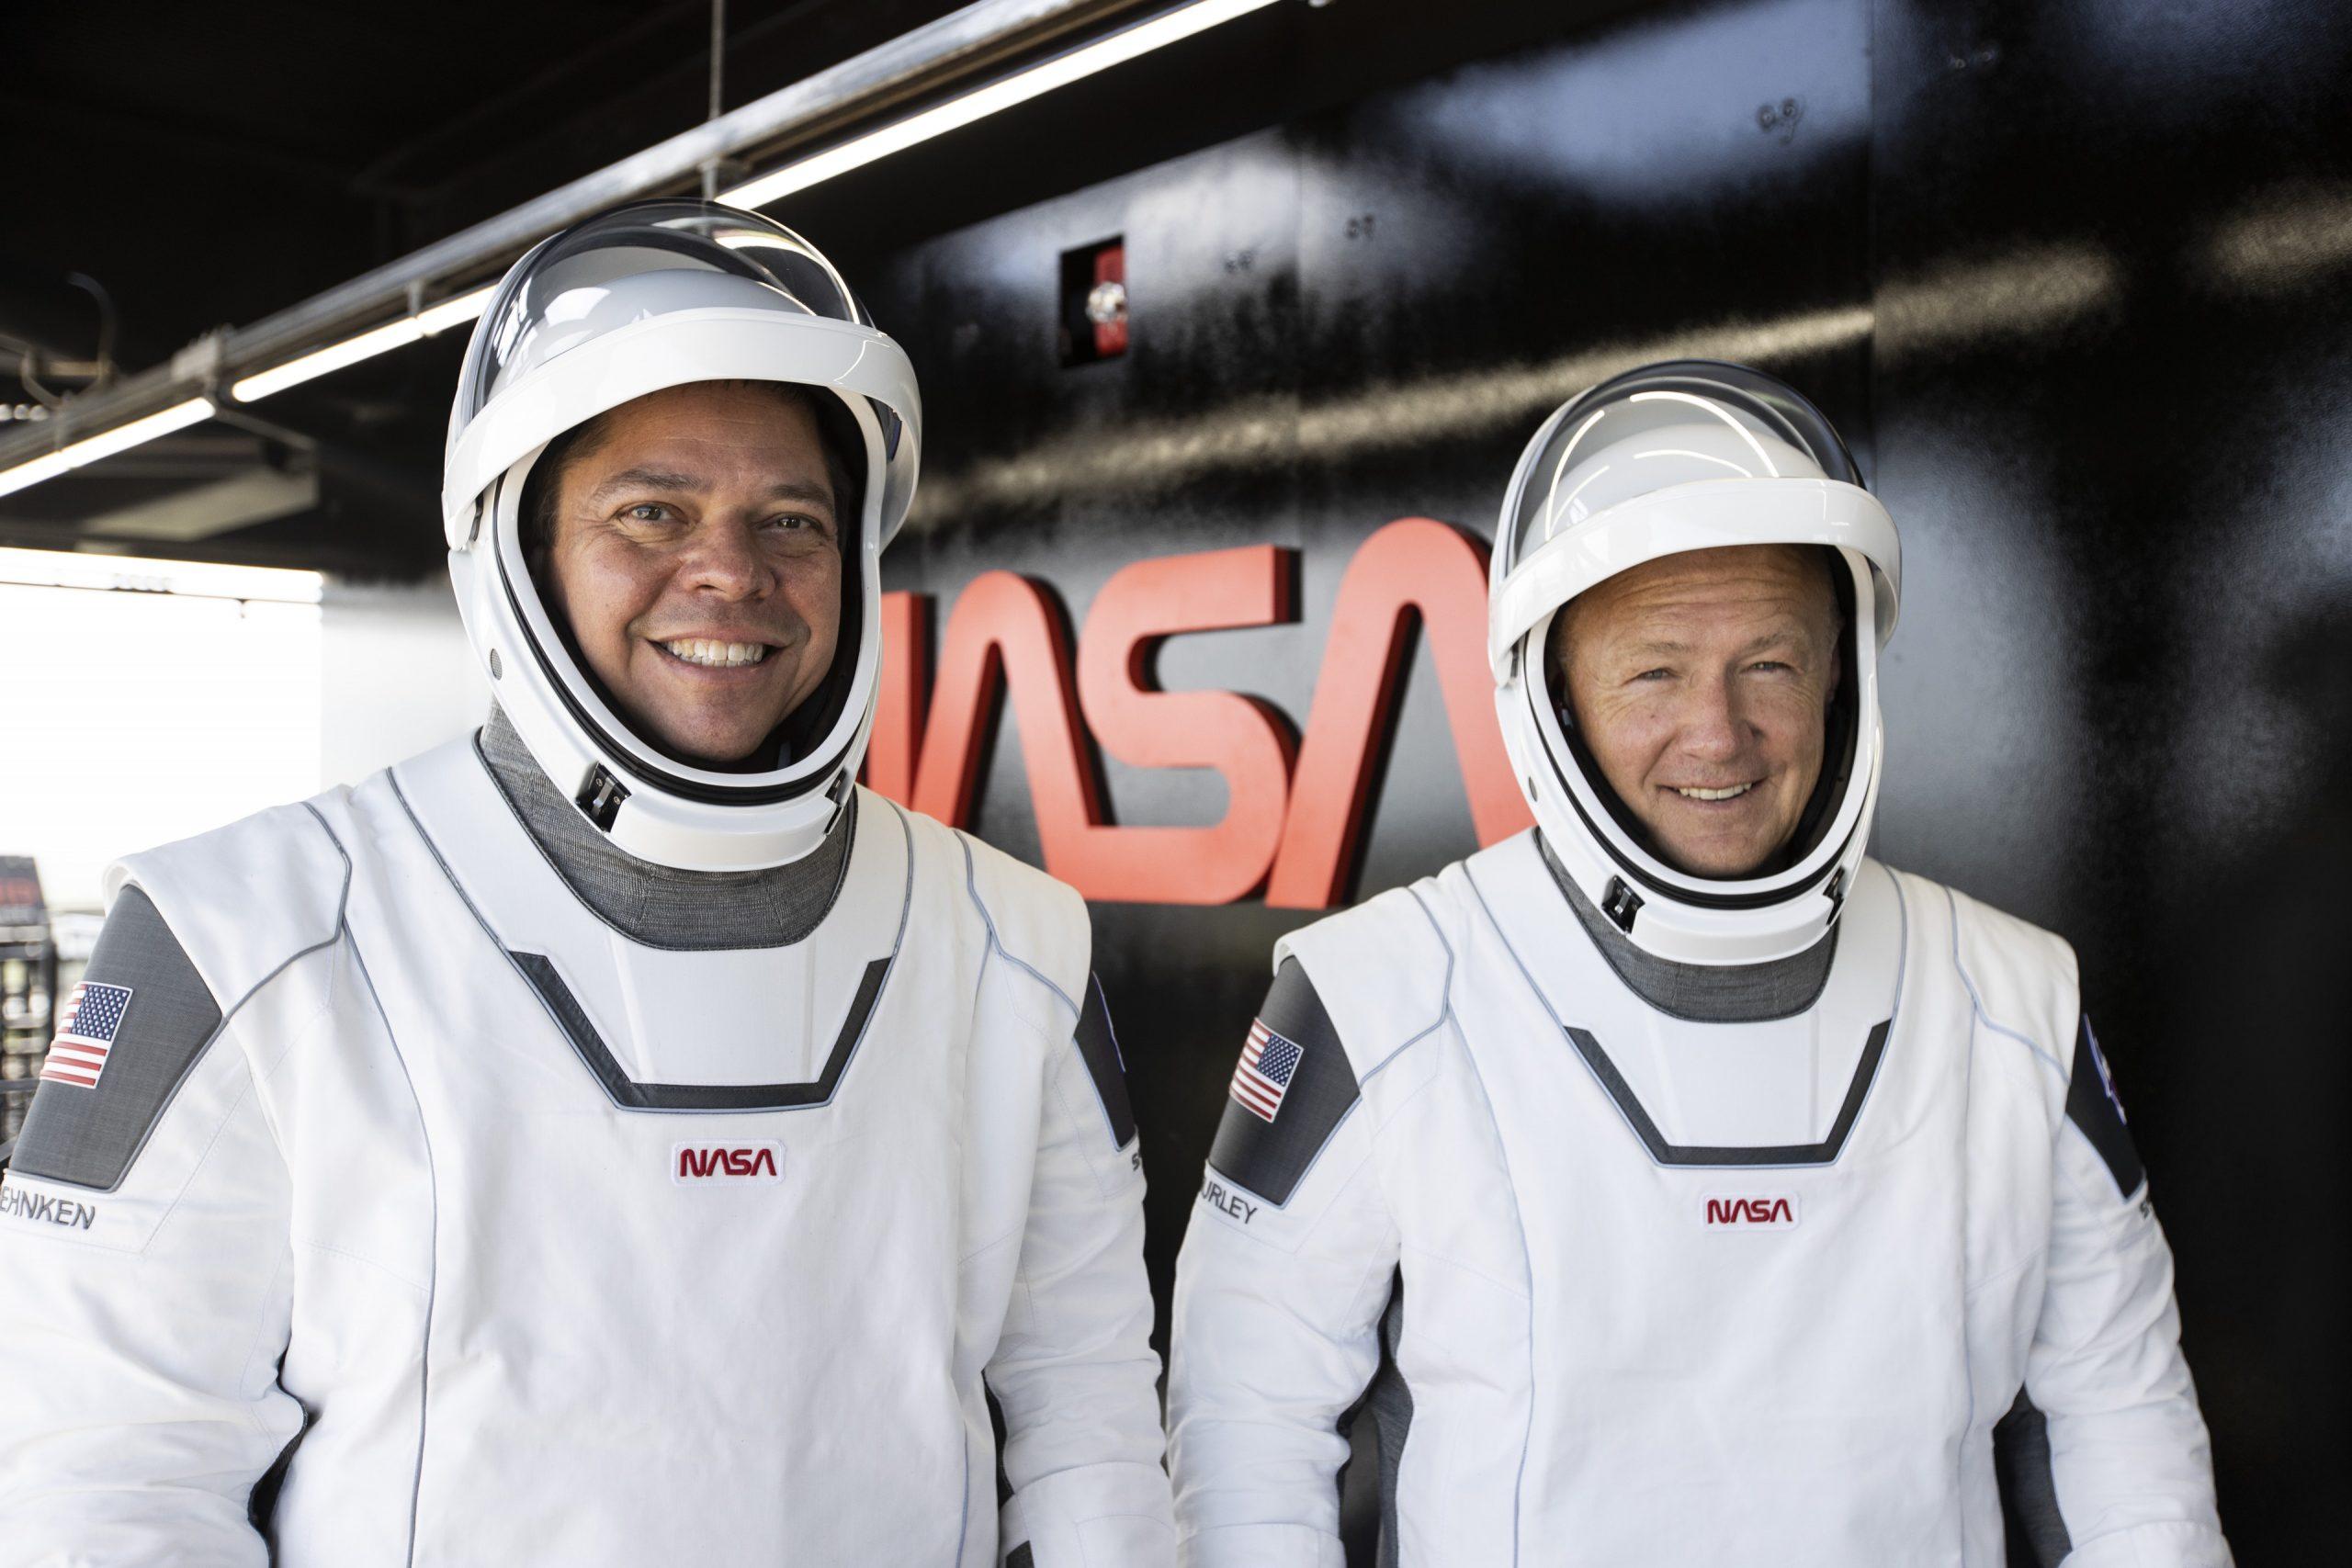 SpaceX realiza su primer vuelo tripulado en asociación con la NASA